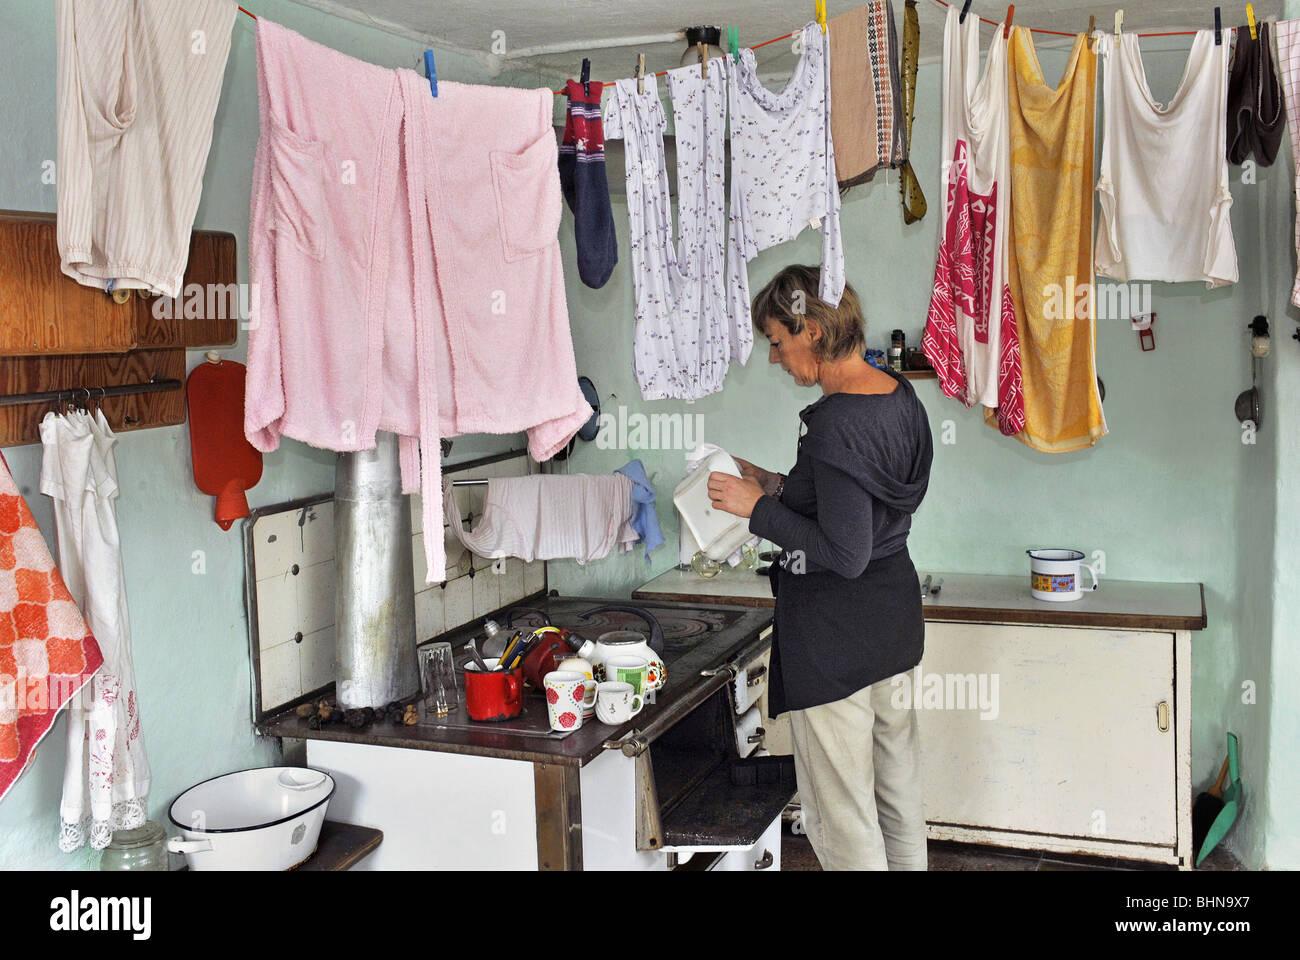 Haushalt, Küche und Geschirr, hausfrau am Herd, Deutschland, historische, historische, Bayern, Hausfrau, Hausfrauen, Stockfoto